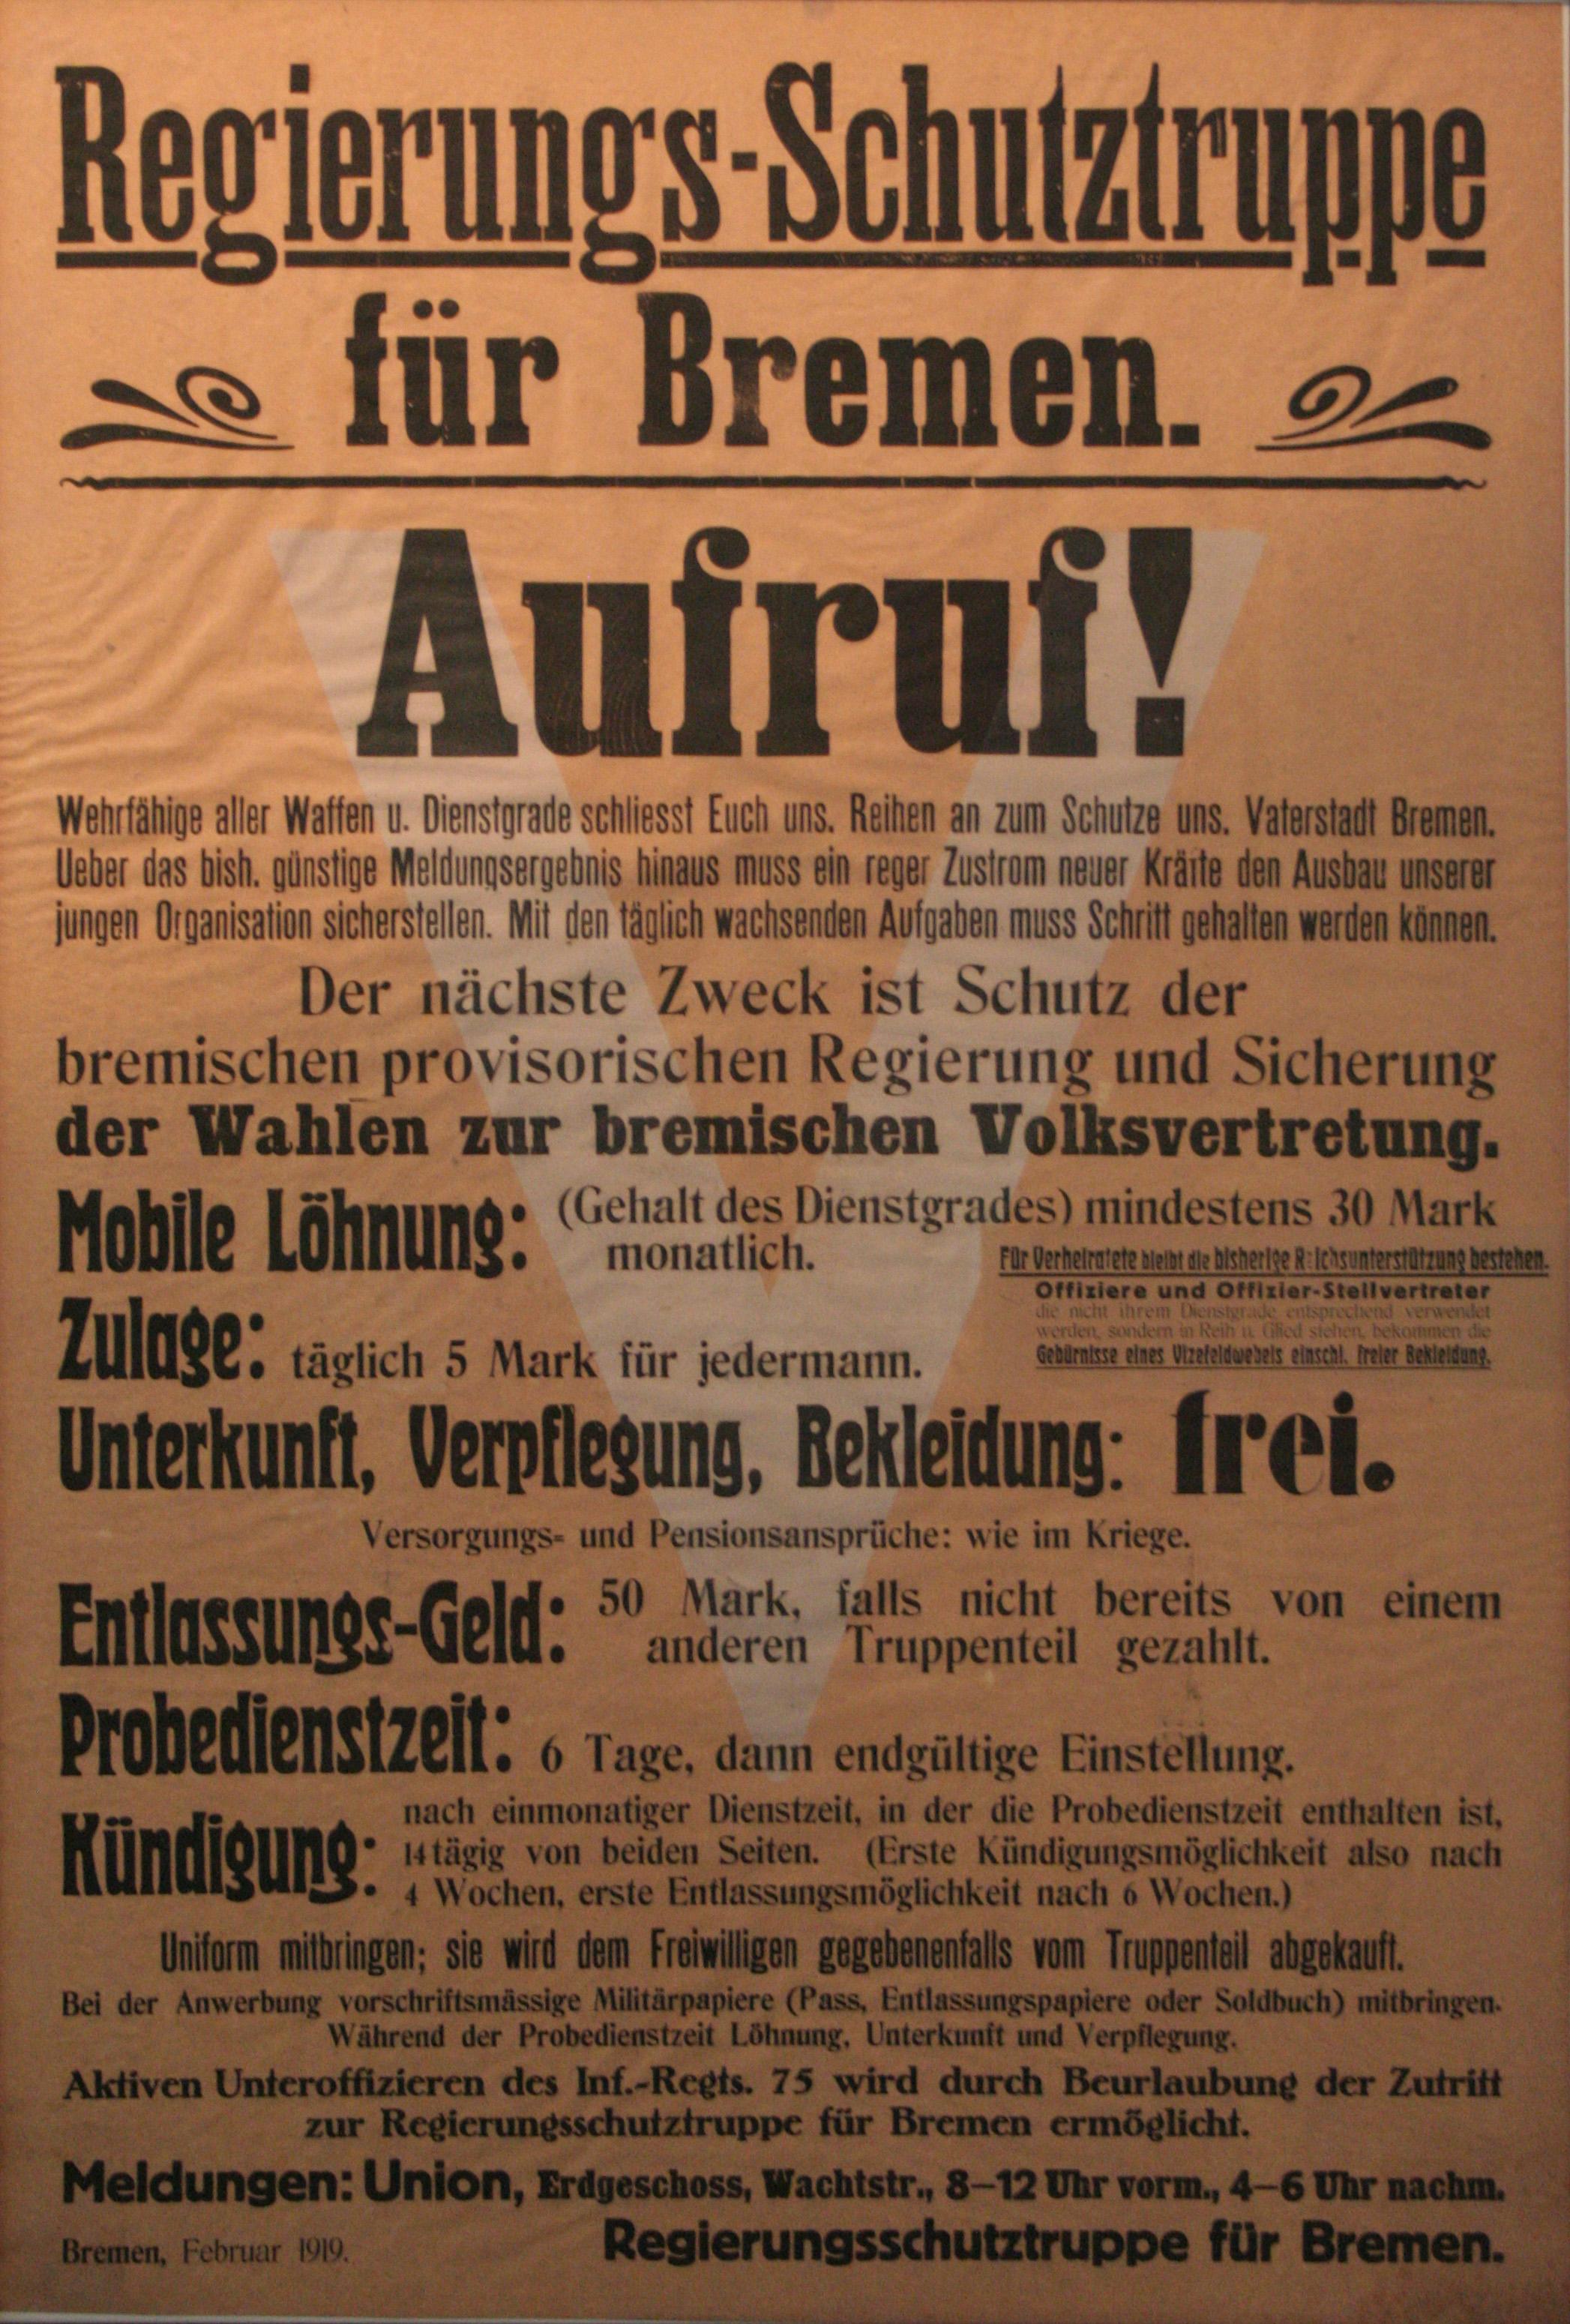 https://upload.wikimedia.org/wikipedia/commons/4/4f/Eine_Regierungsschutztruppe_f%C3%BCr_Bremen_-_Plakat_1919.jpg